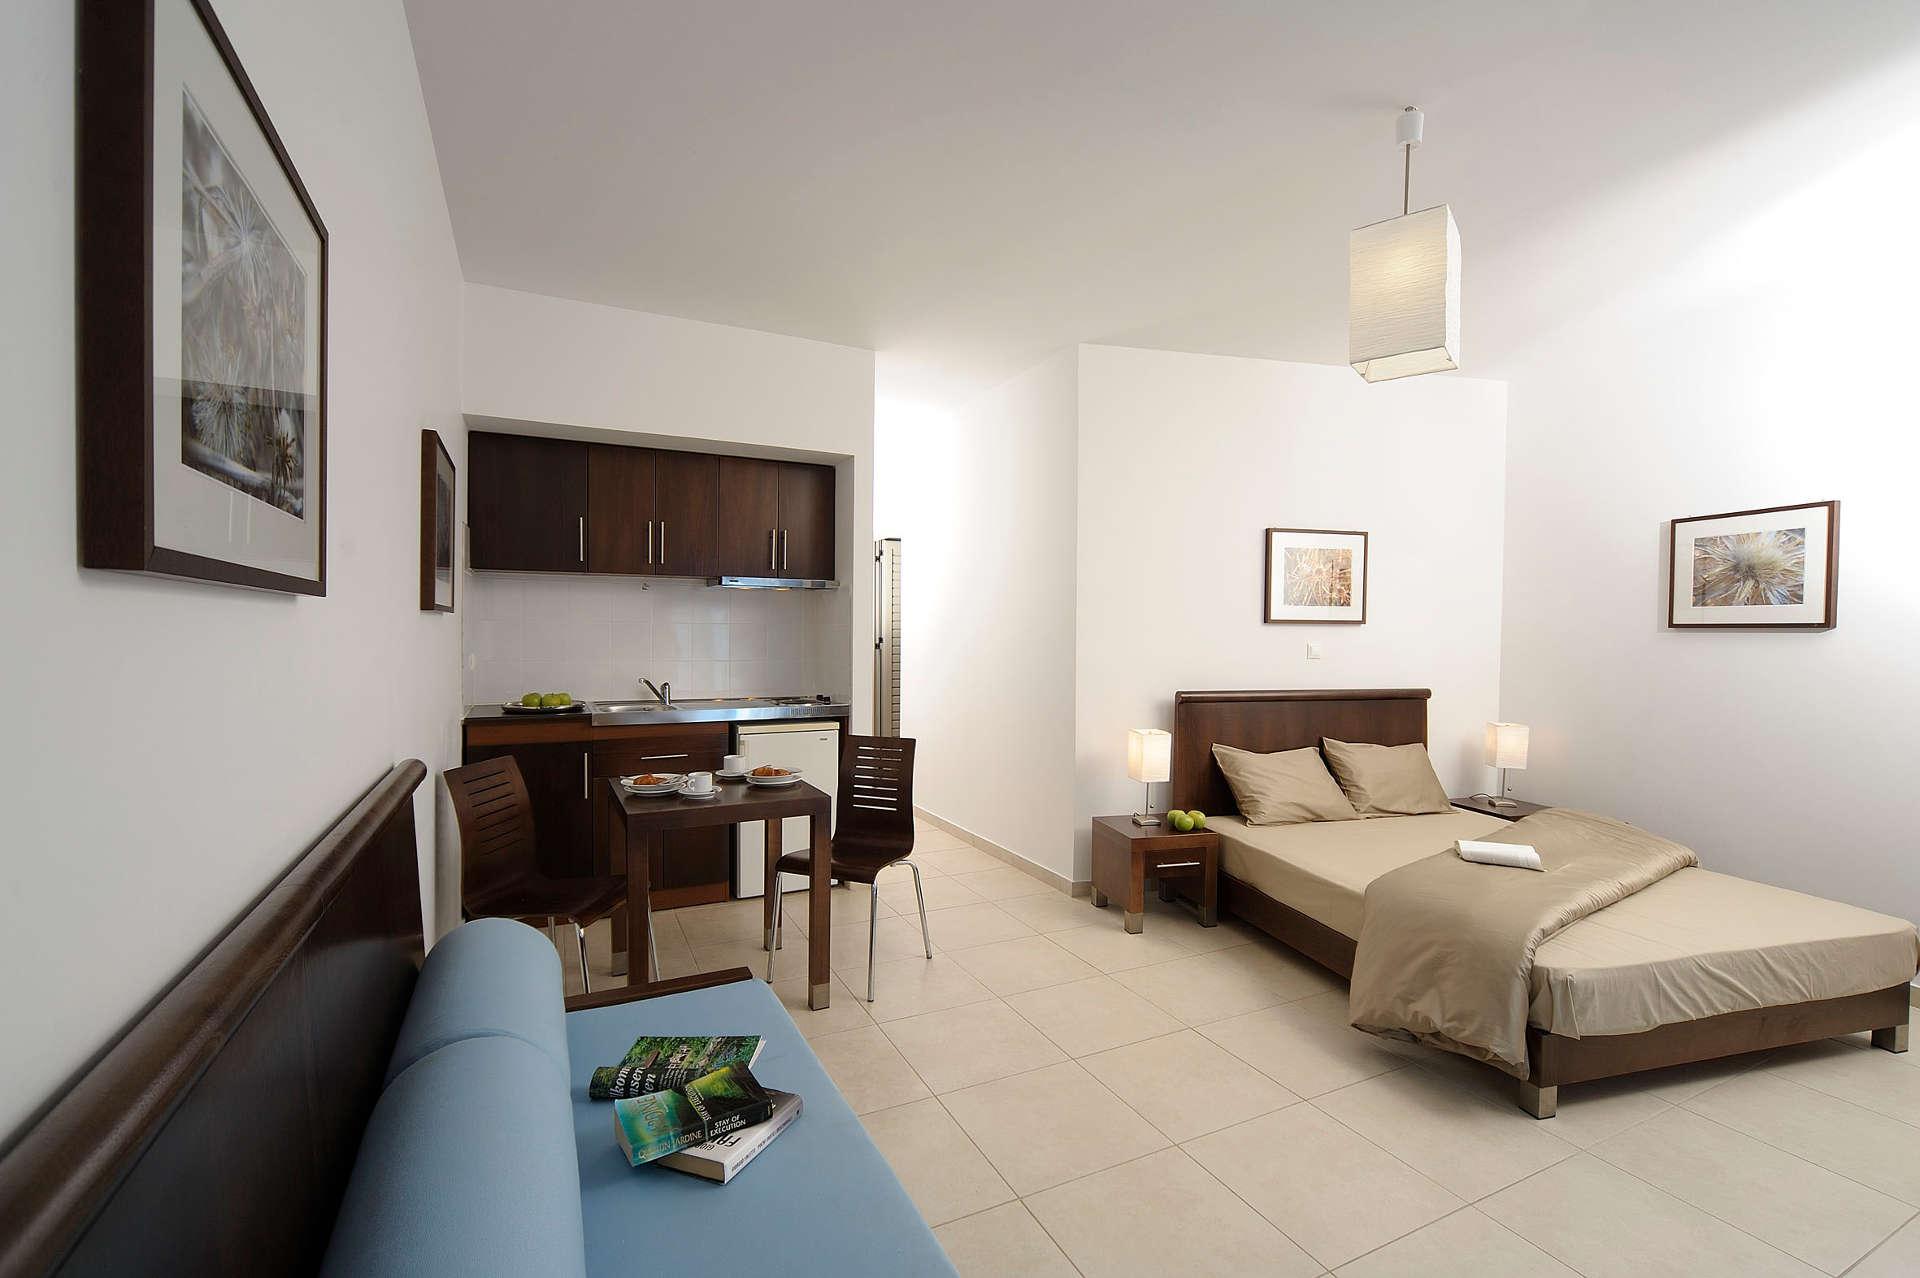 glaros_room02